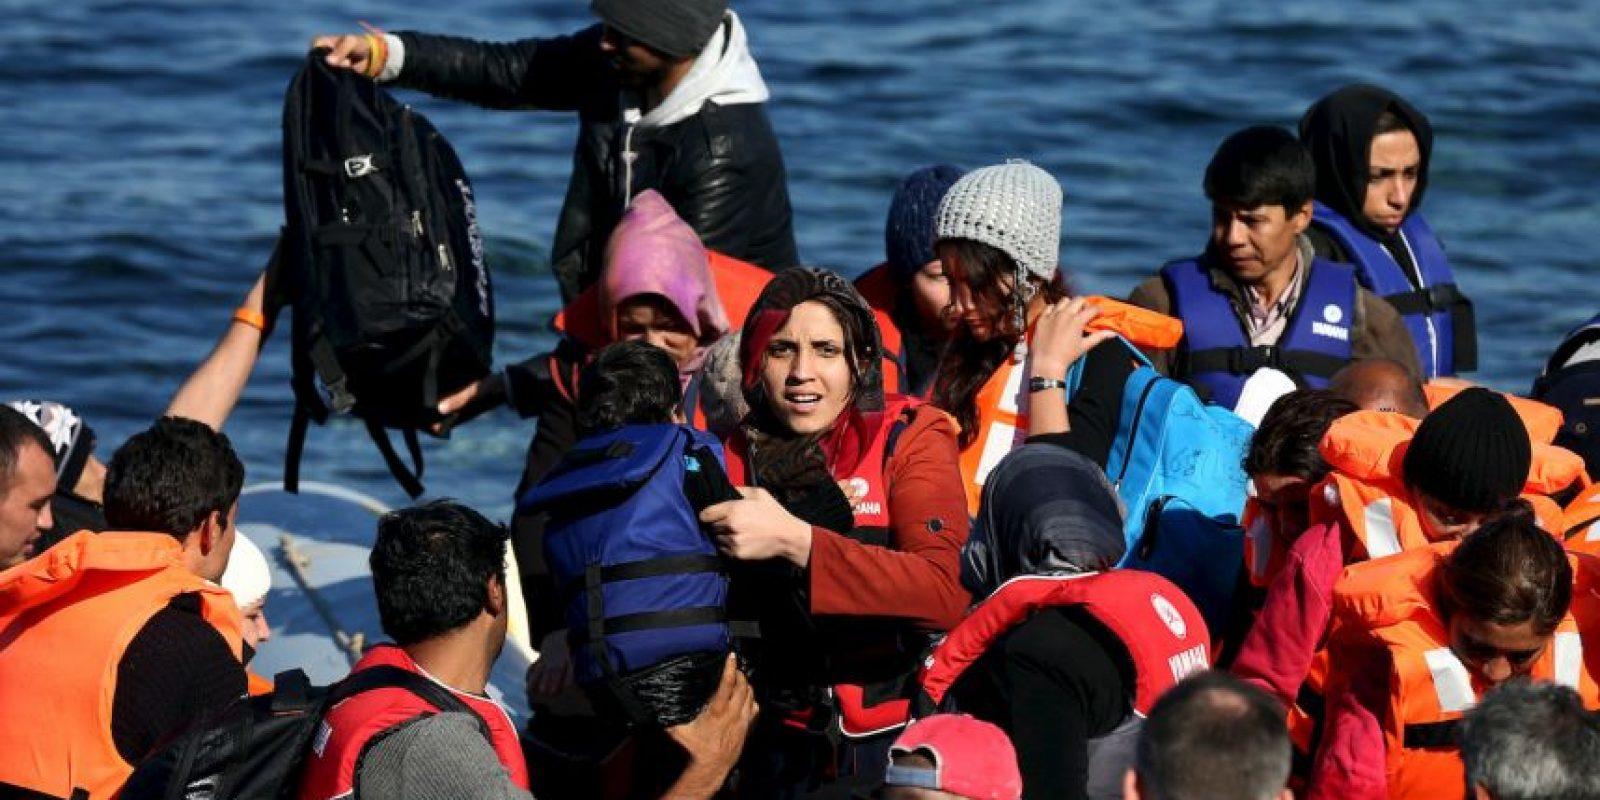 3. La OIM ha estimado que 800 mil personas han llegado a Europa este año por mar. Foto:Getty Images